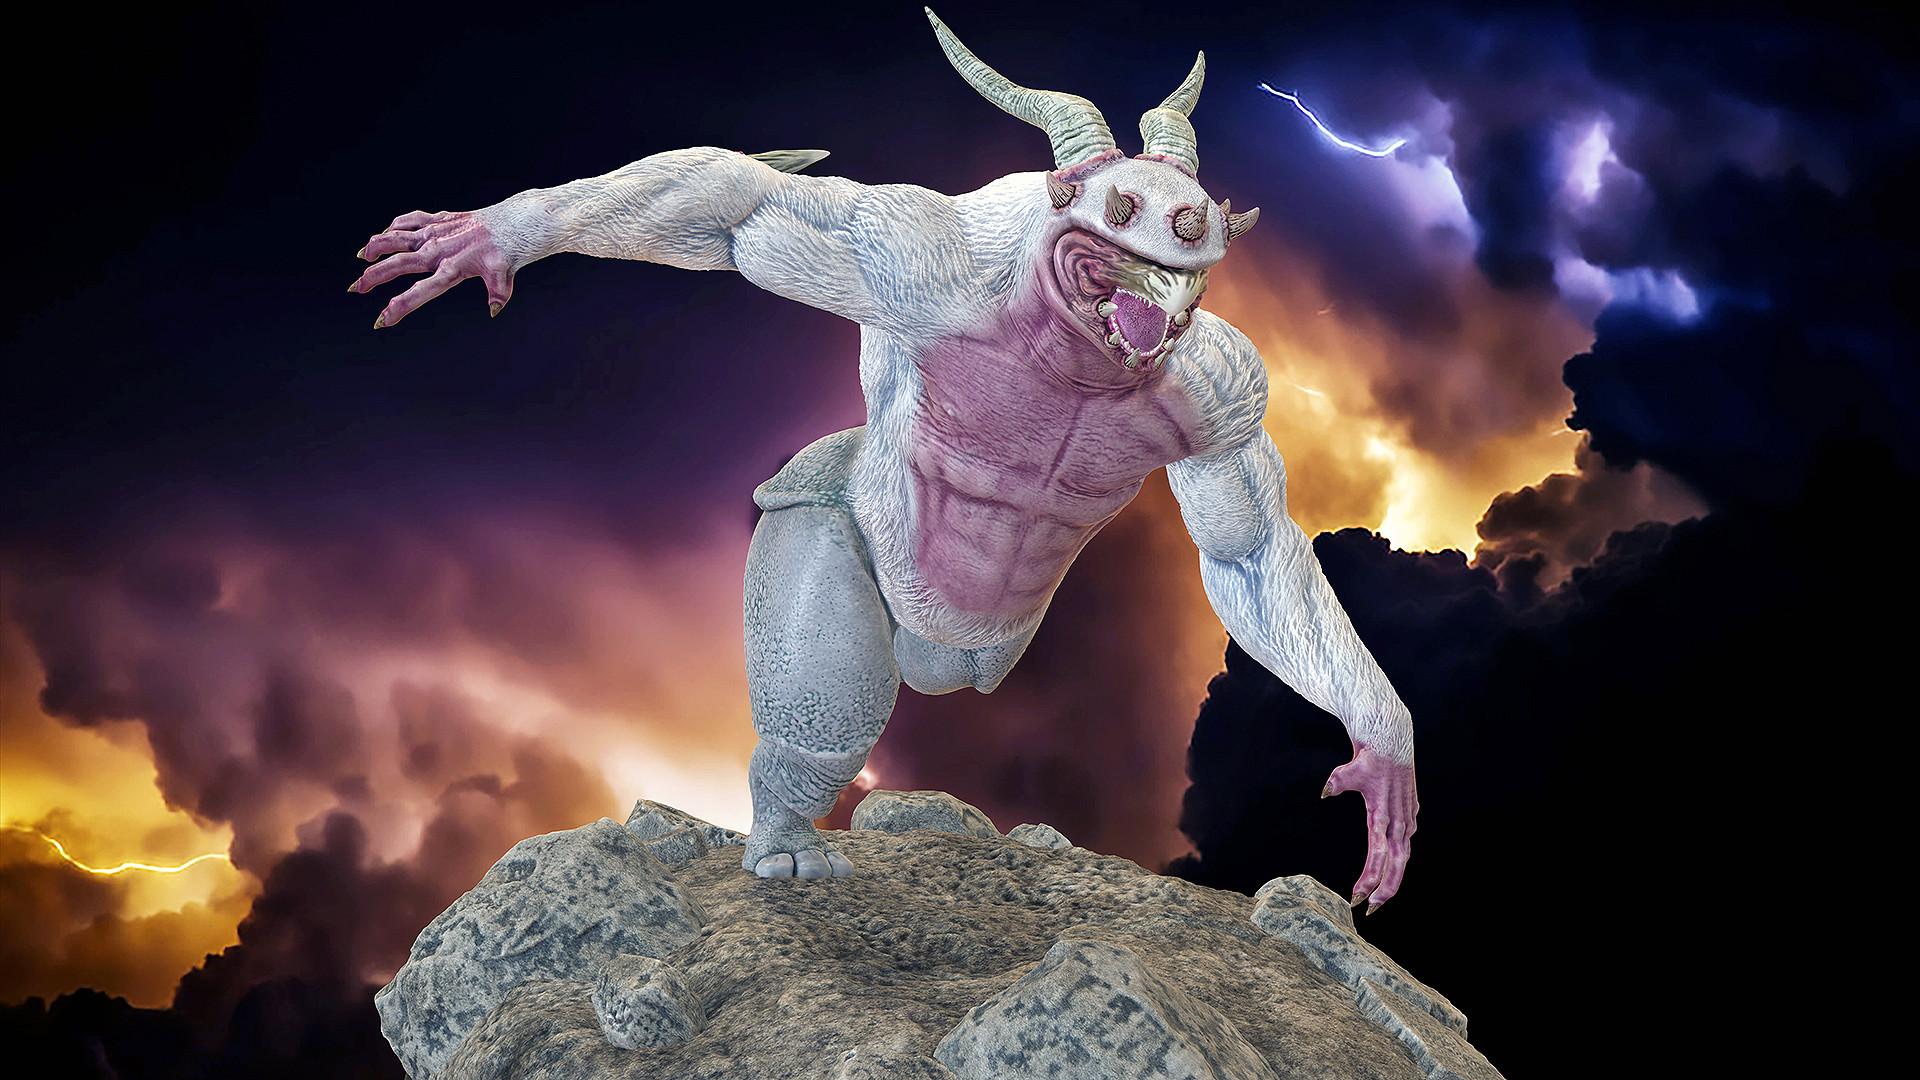 The Demon Ha'Ammunukhet